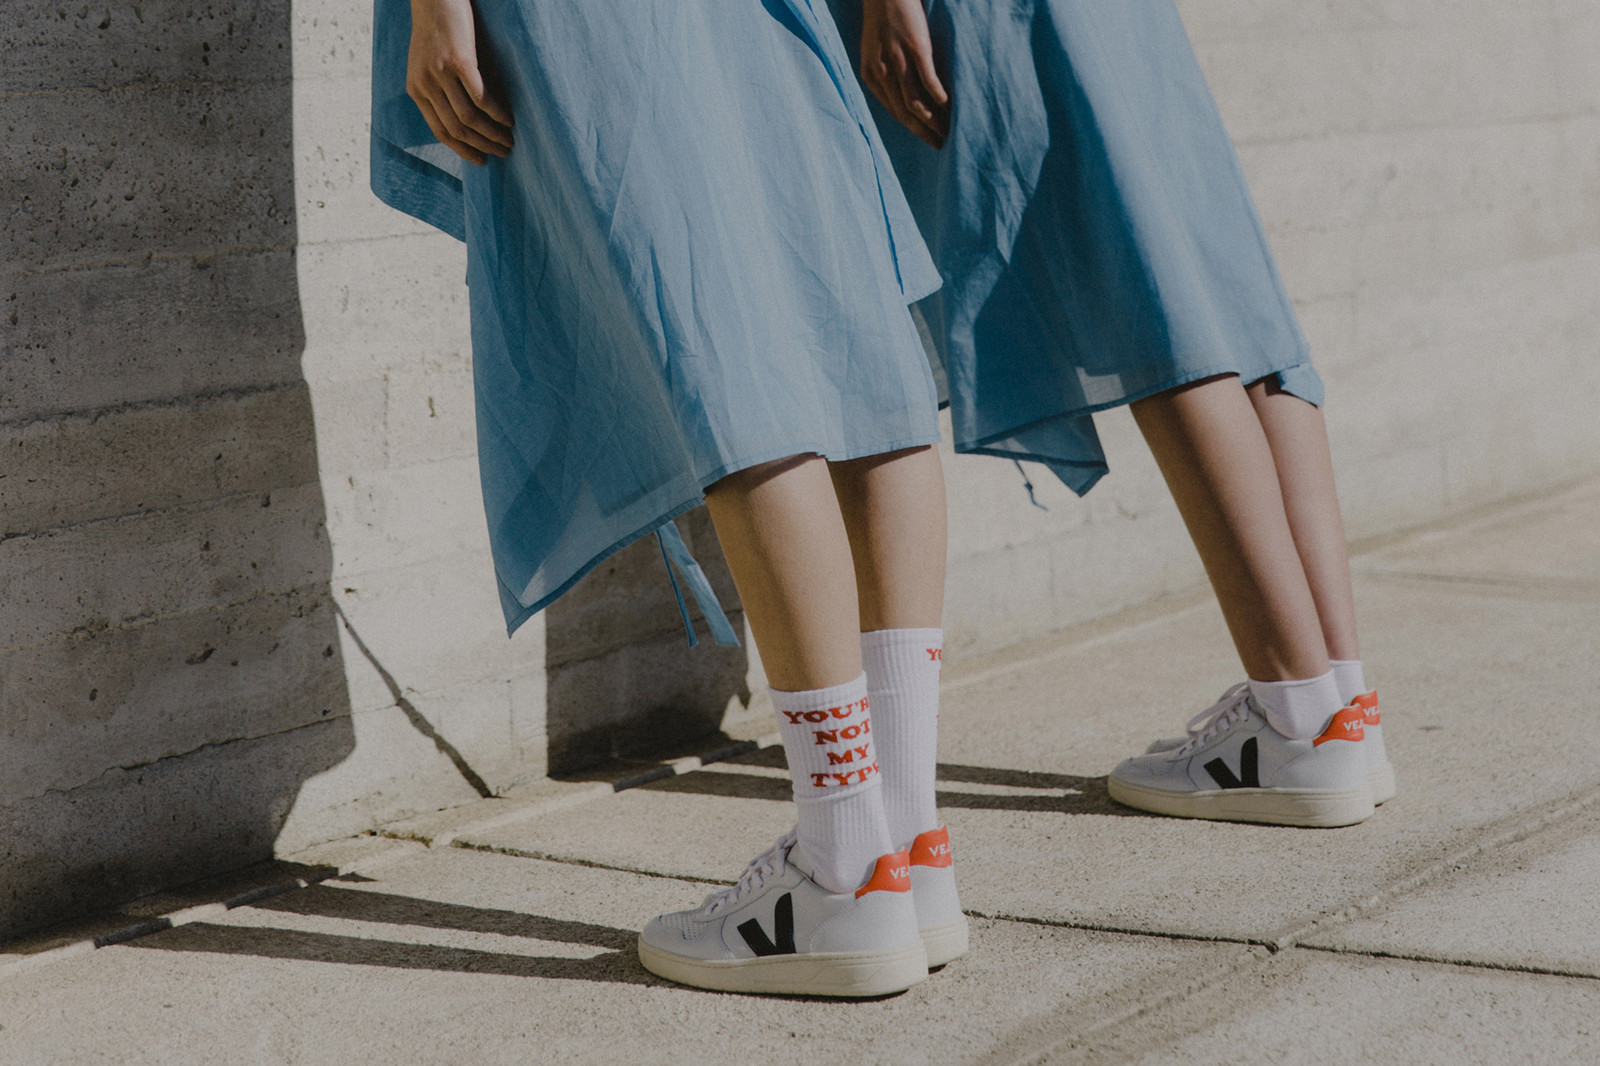 ¢HNGE Spring Summer 2018 Lookbook